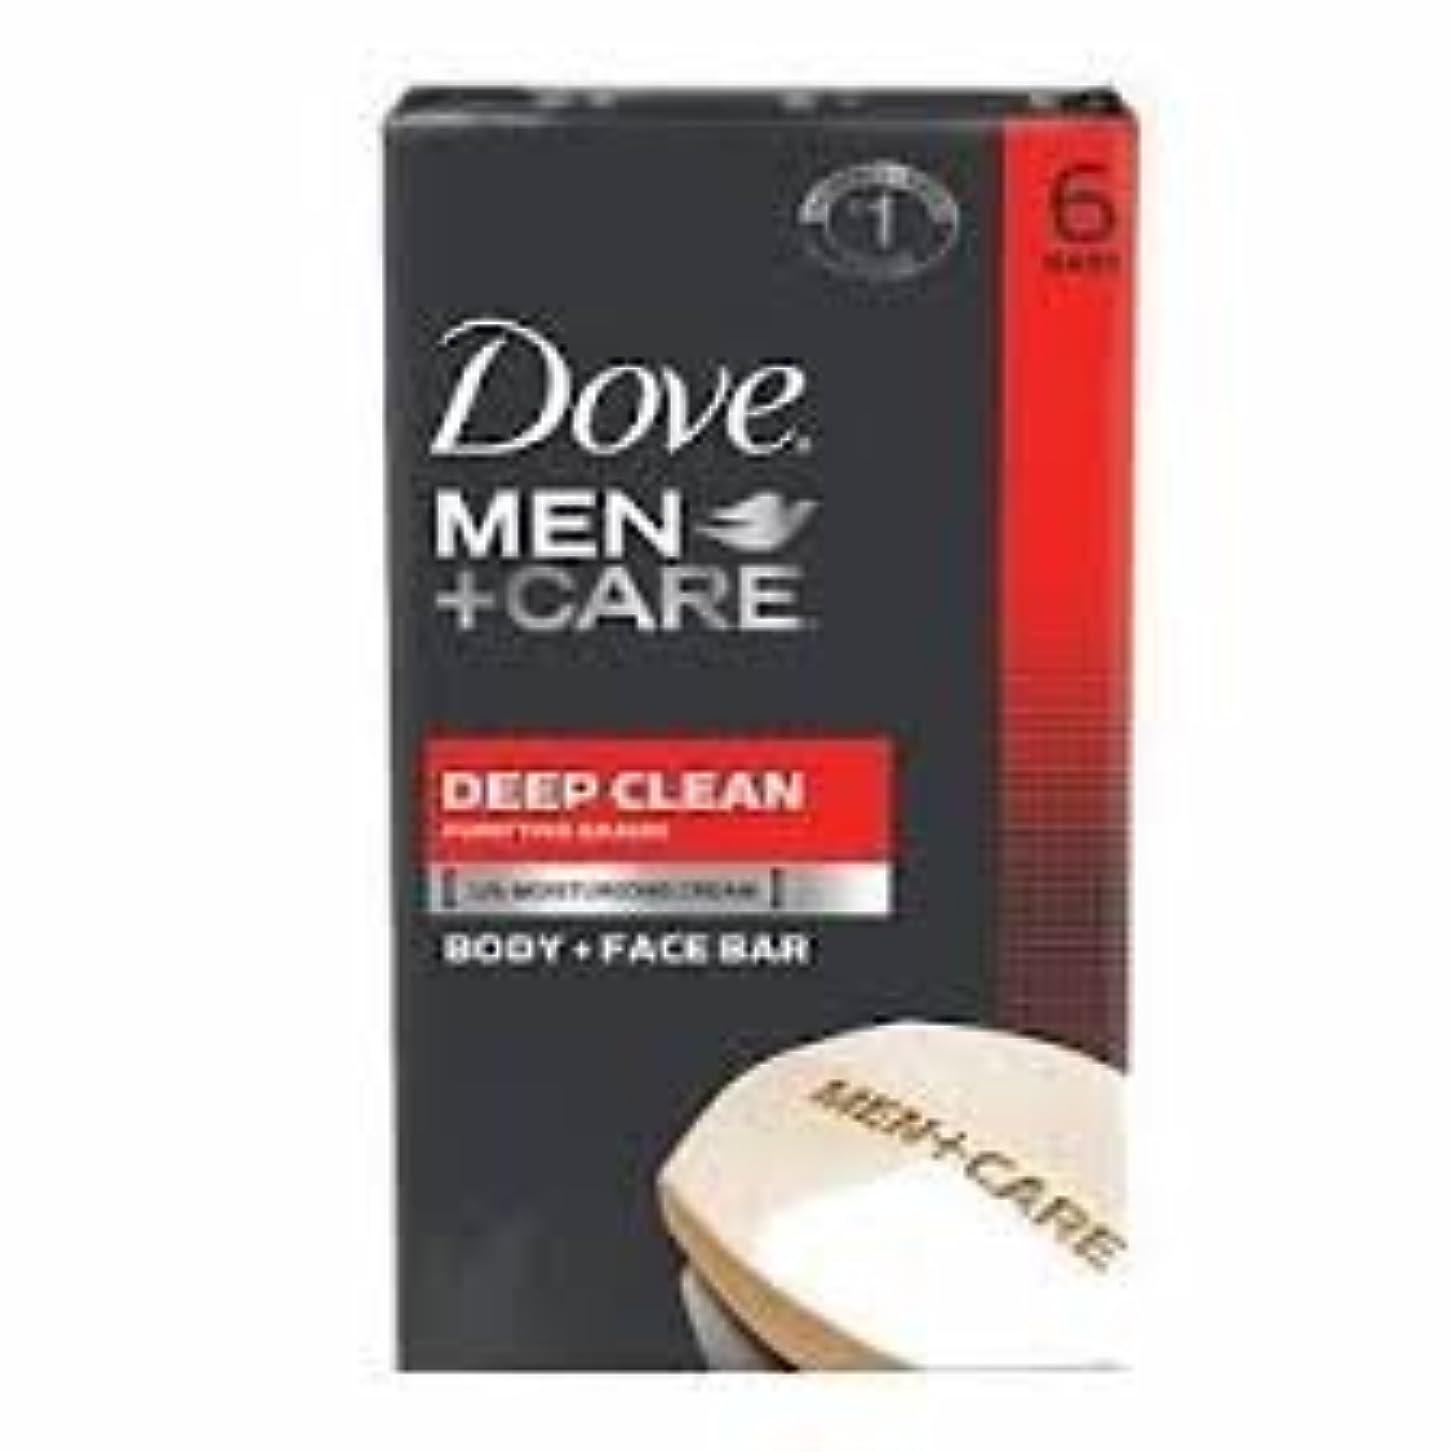 博覧会料理豊かにするDove Men + Care Body and Face Bar, Deep Clean 4oz x 6Bars ダブ メン プラスケア ディープ クリーン ソープ 4oz x 6個